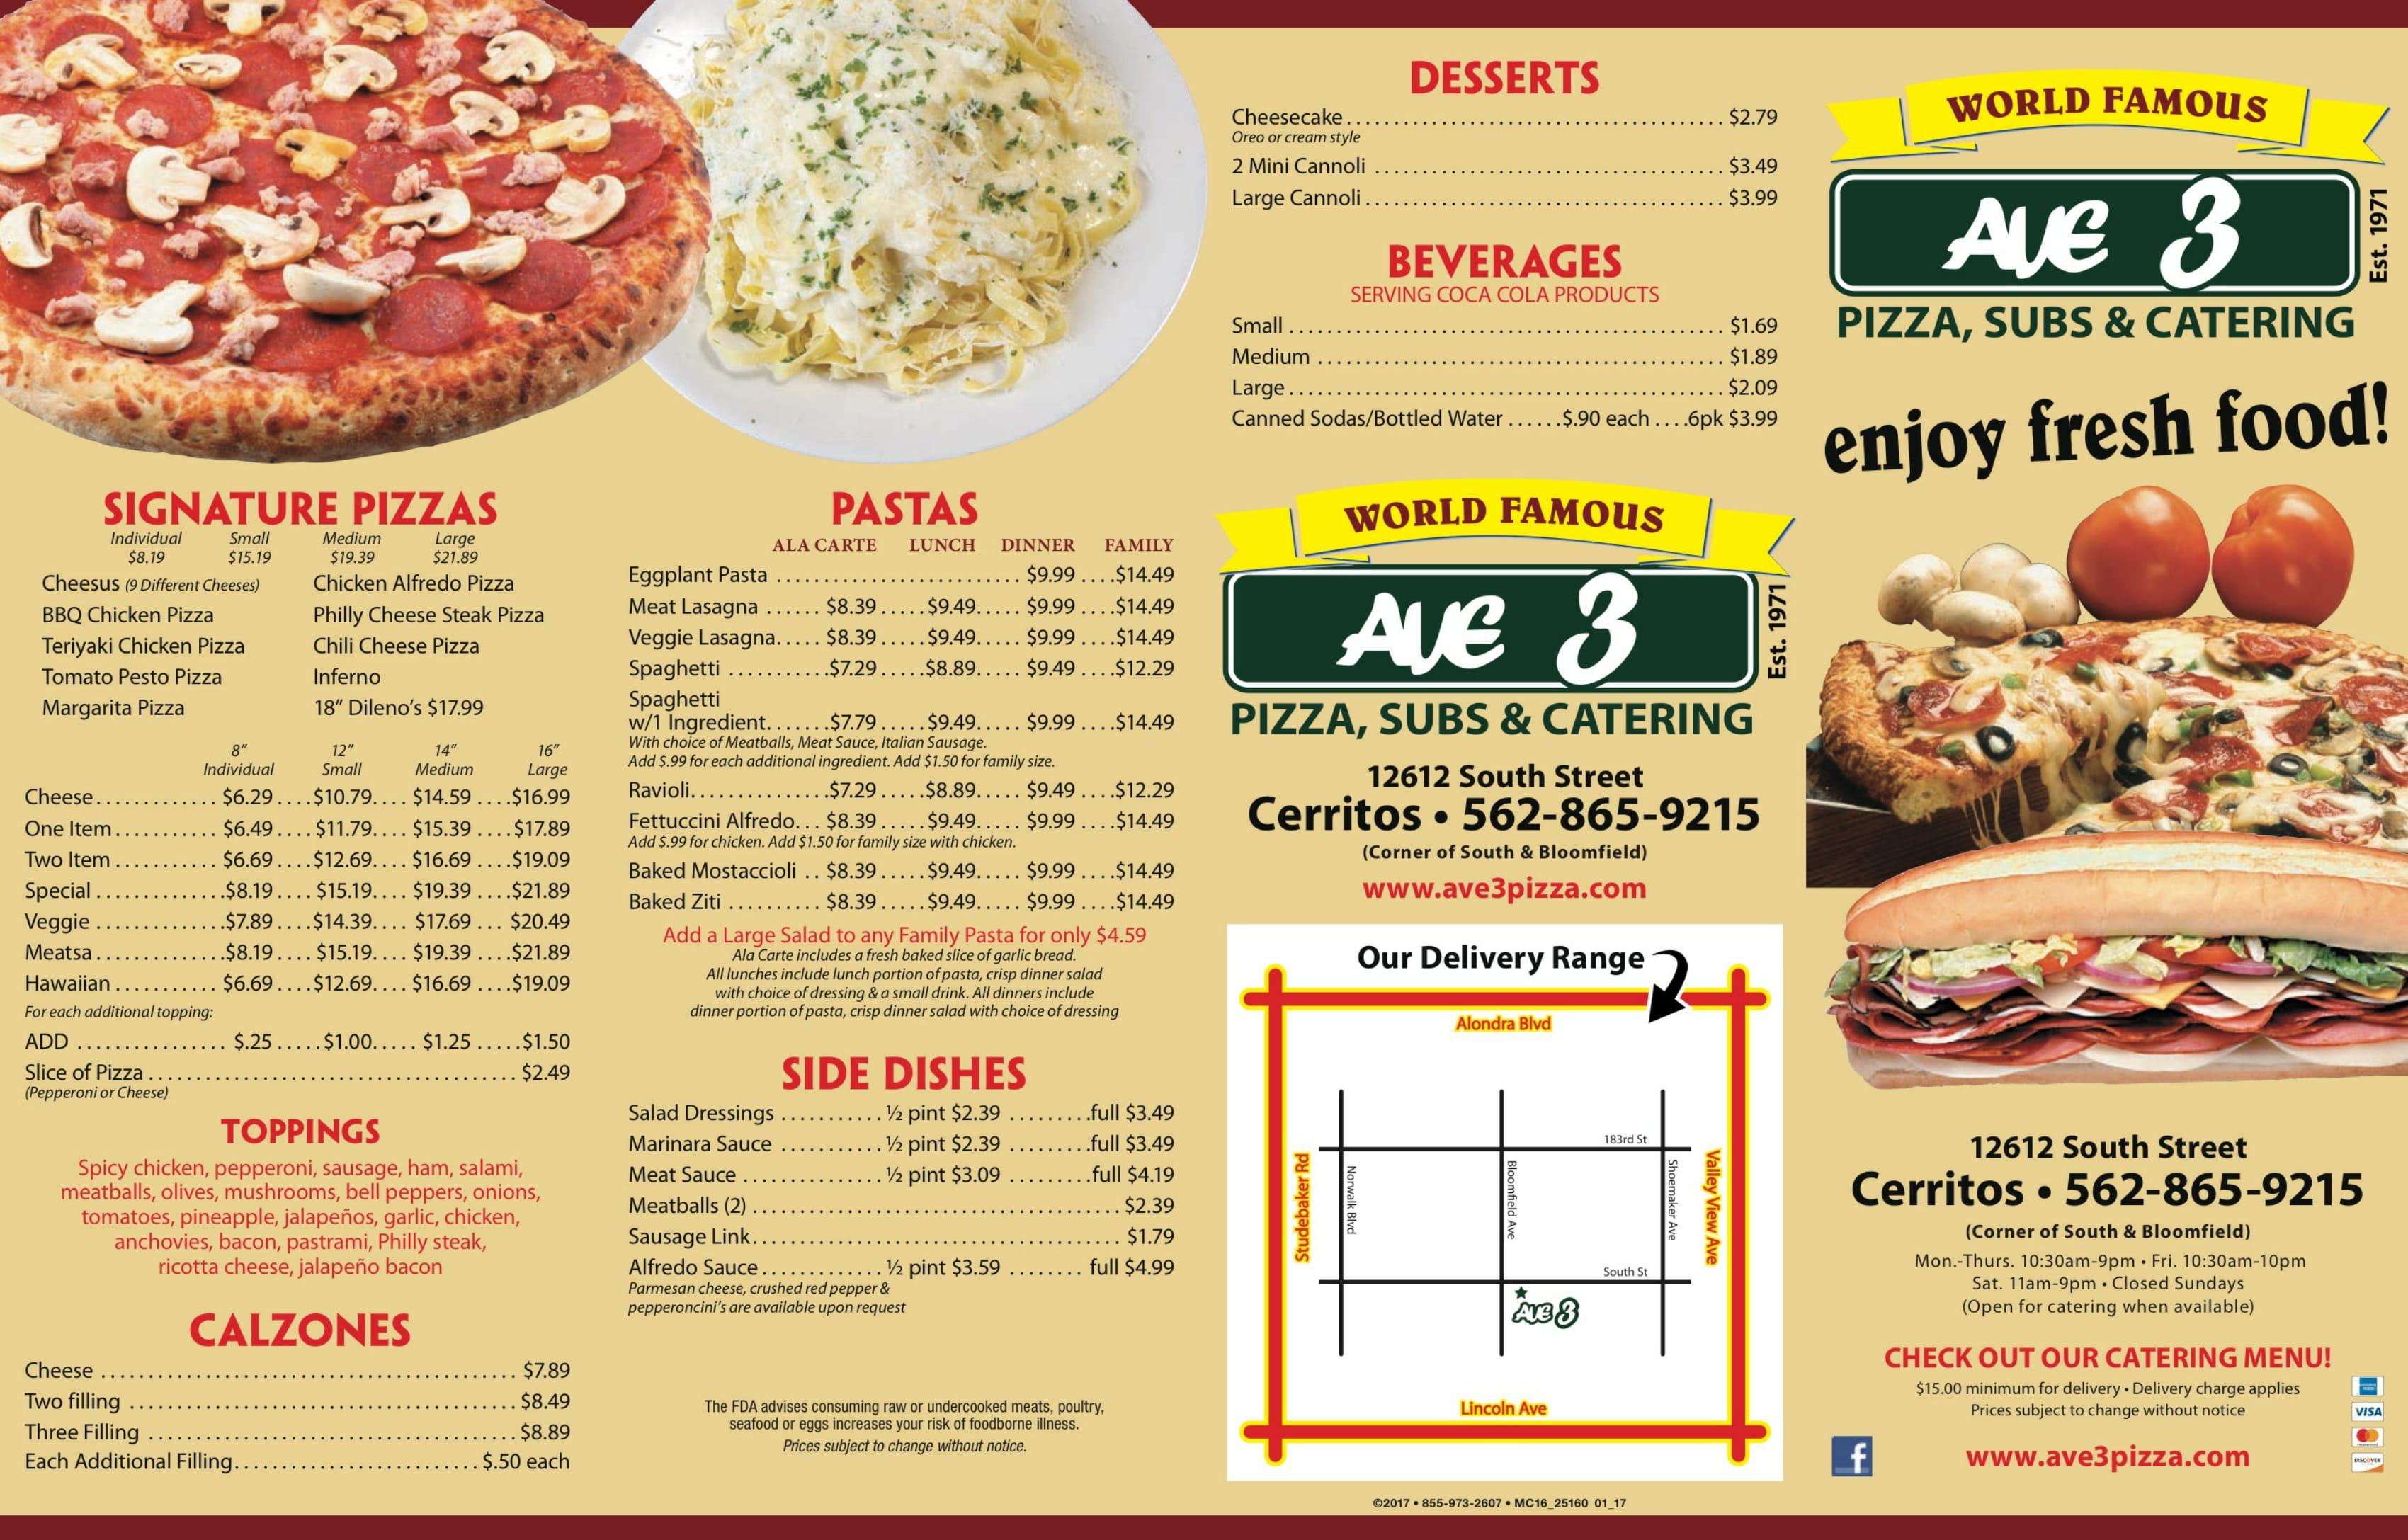 Italian Food In Cerritos Ca